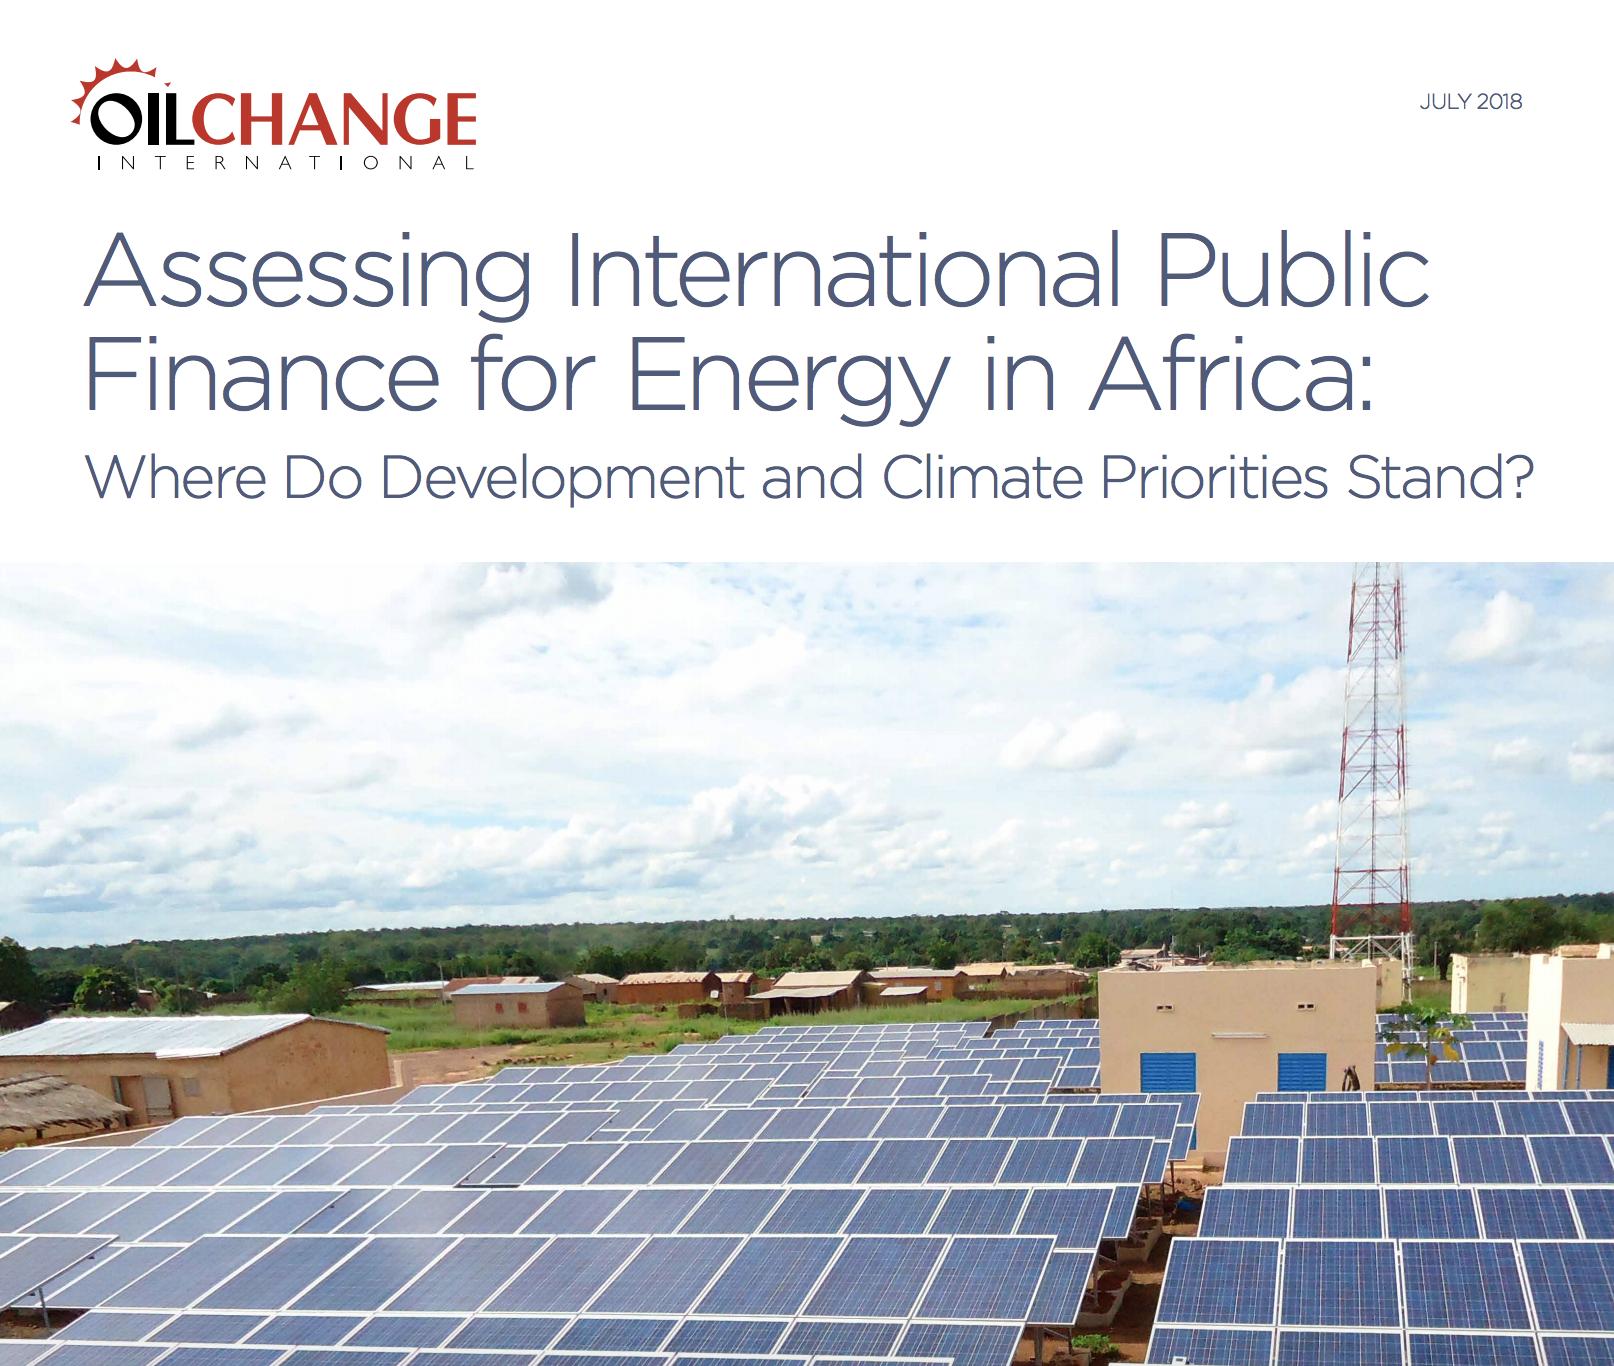 Assessing International Public Finance for Energy in Africa